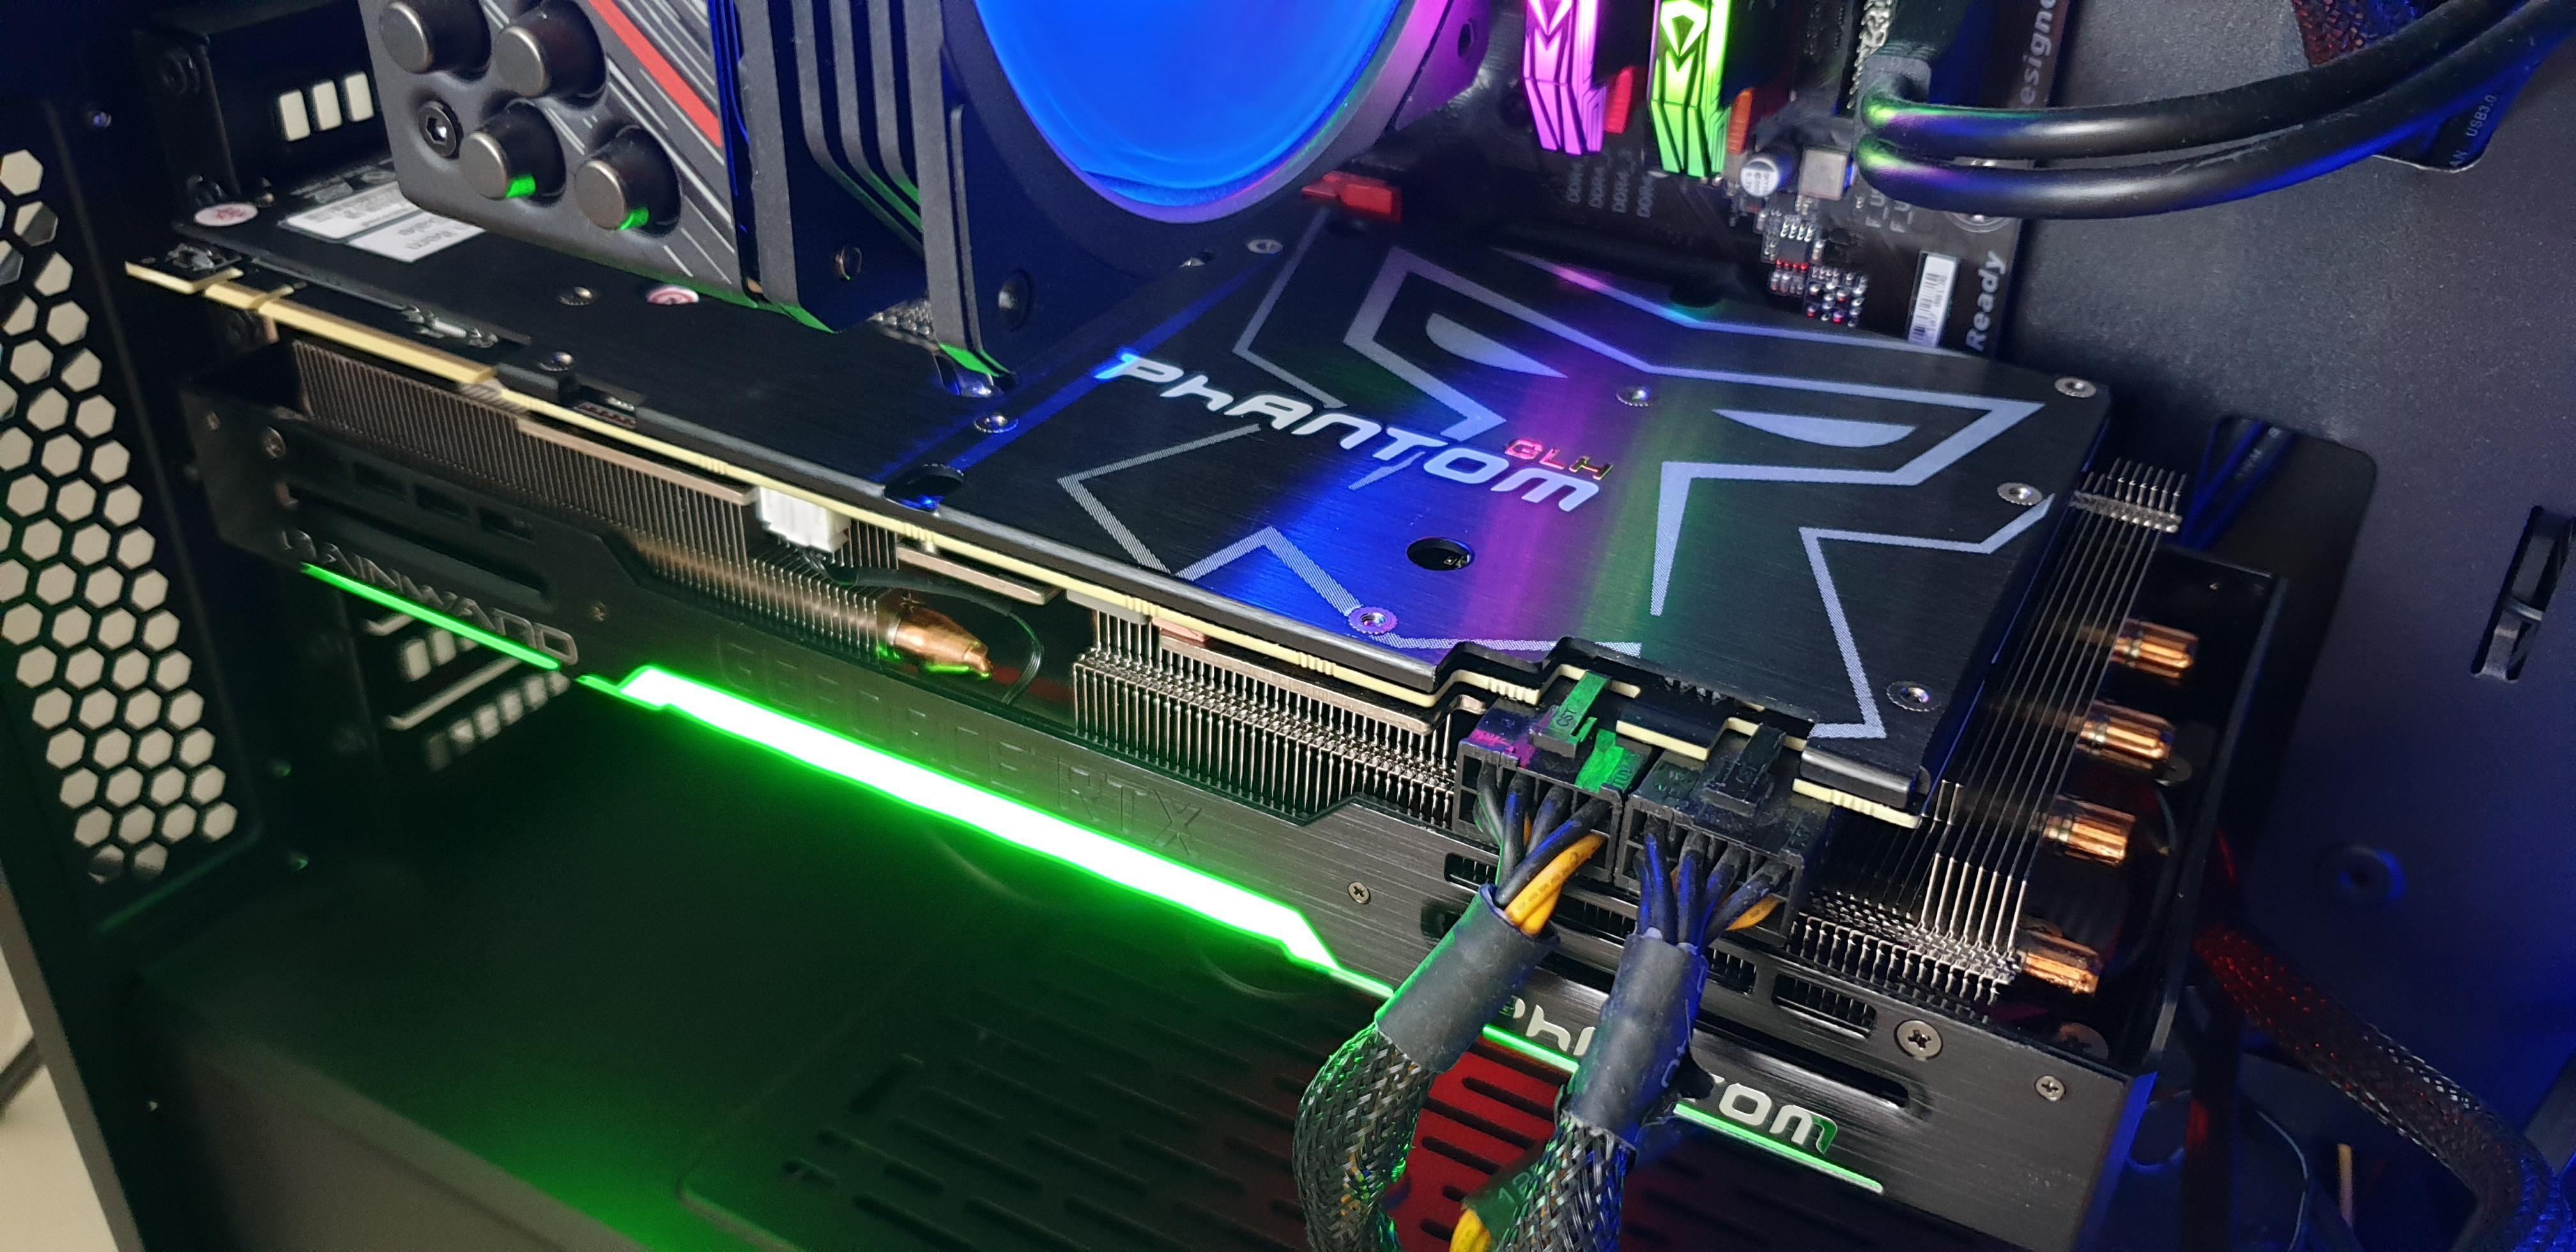 Niereferent doskonały? Testujemy Gainward RTX 2080 SUPER - jest moc! 28